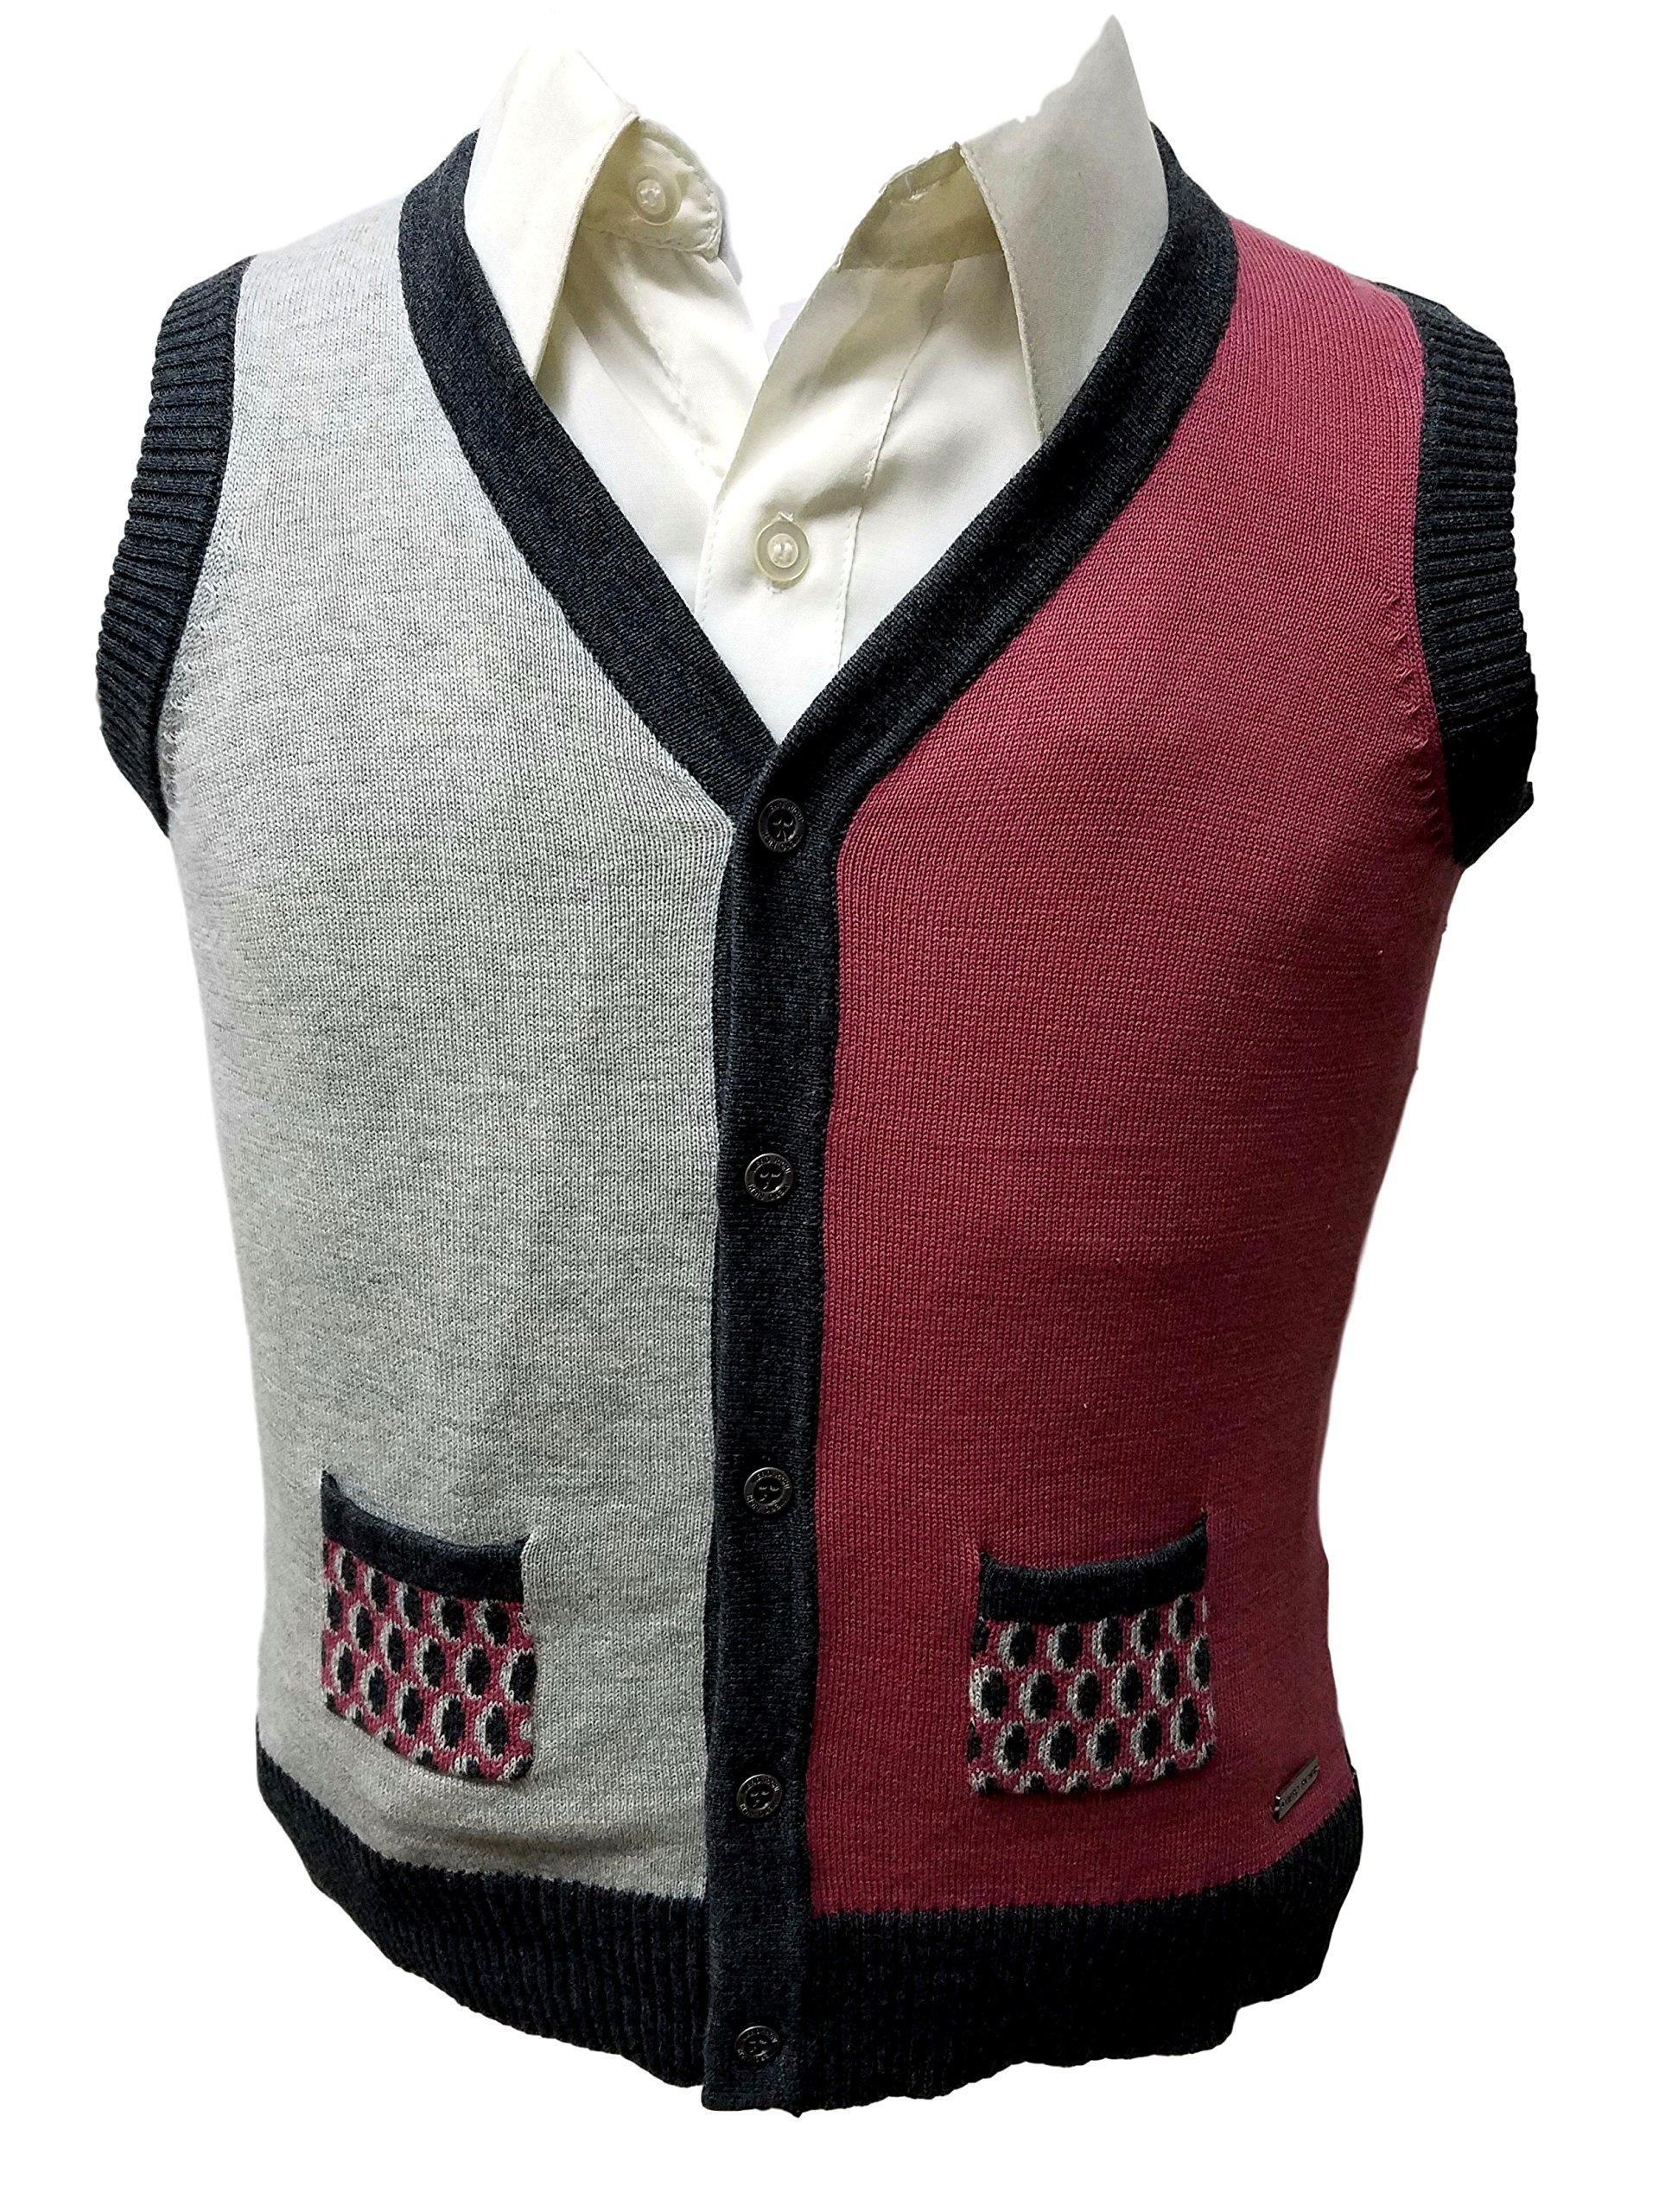 Vest Sweater 100% Cotton 2389 (12)